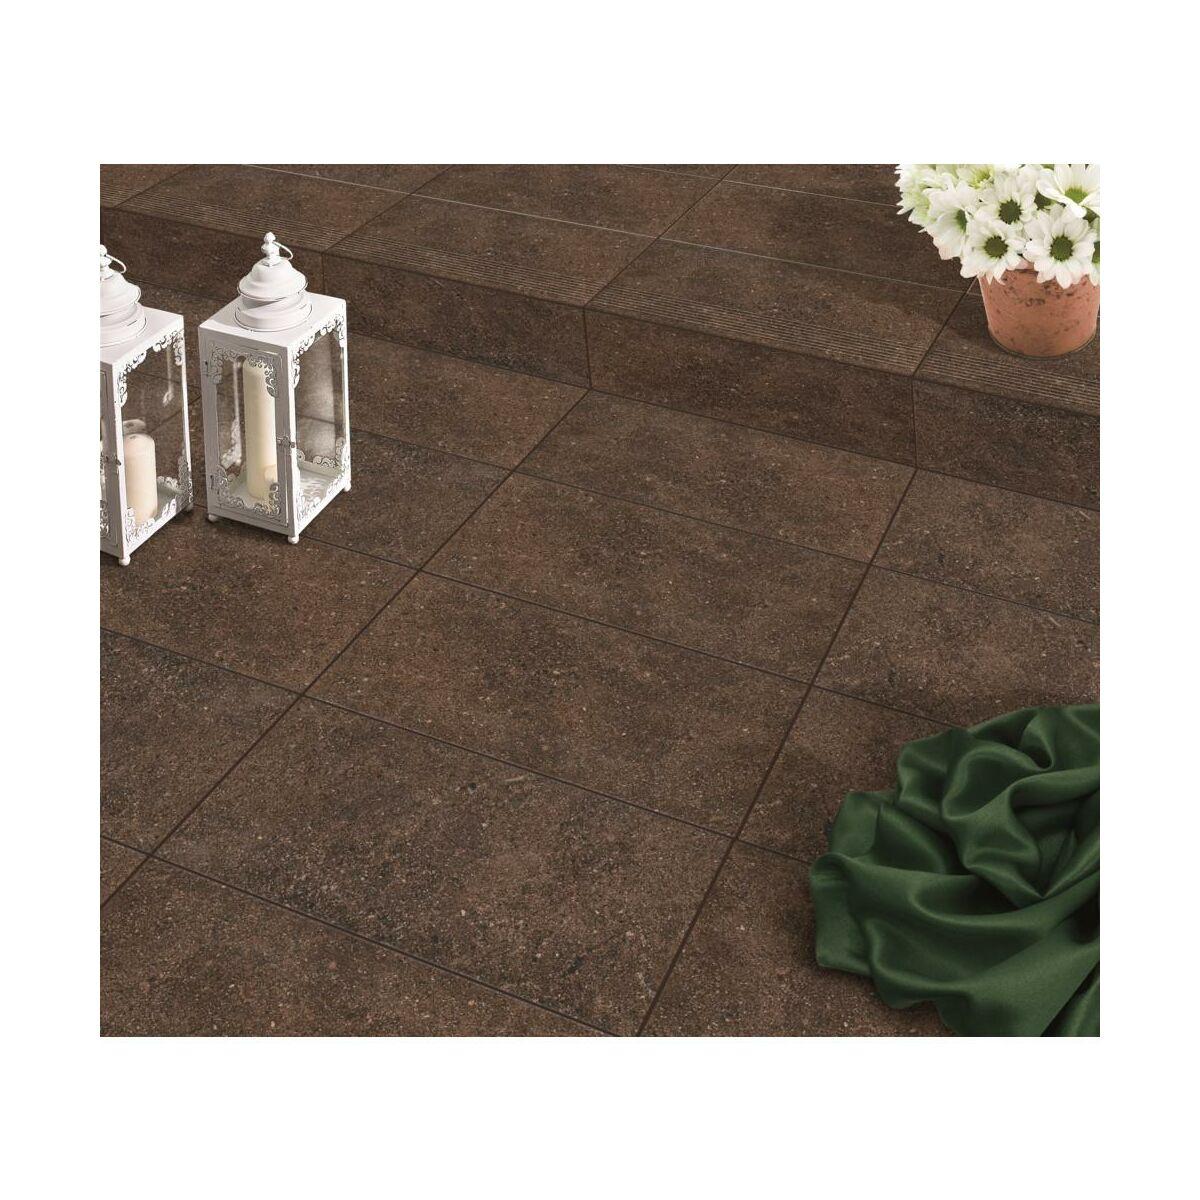 Stopnica Granitos 30 X 30 Ceramika Paradyz Gres W Atrakcyjnej Cenie W Sklepach Leroy Merlin